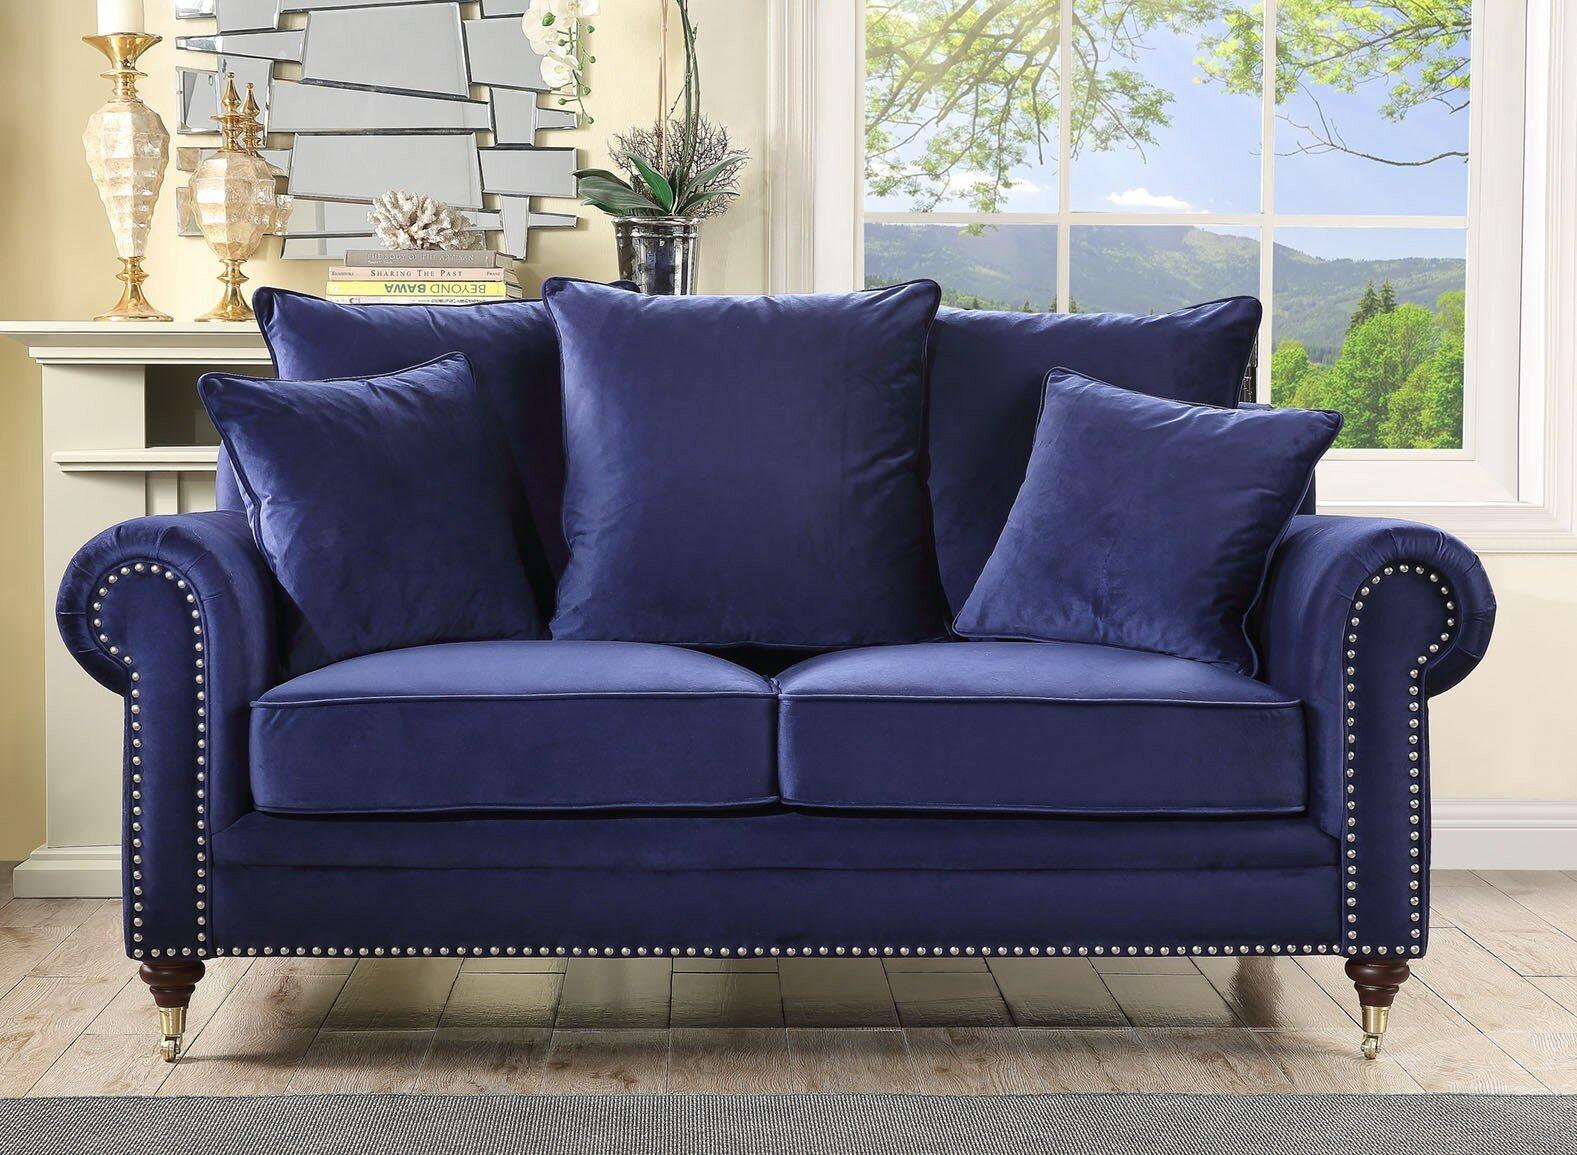 Petrol Blue Sofa Wayfair Co Uk